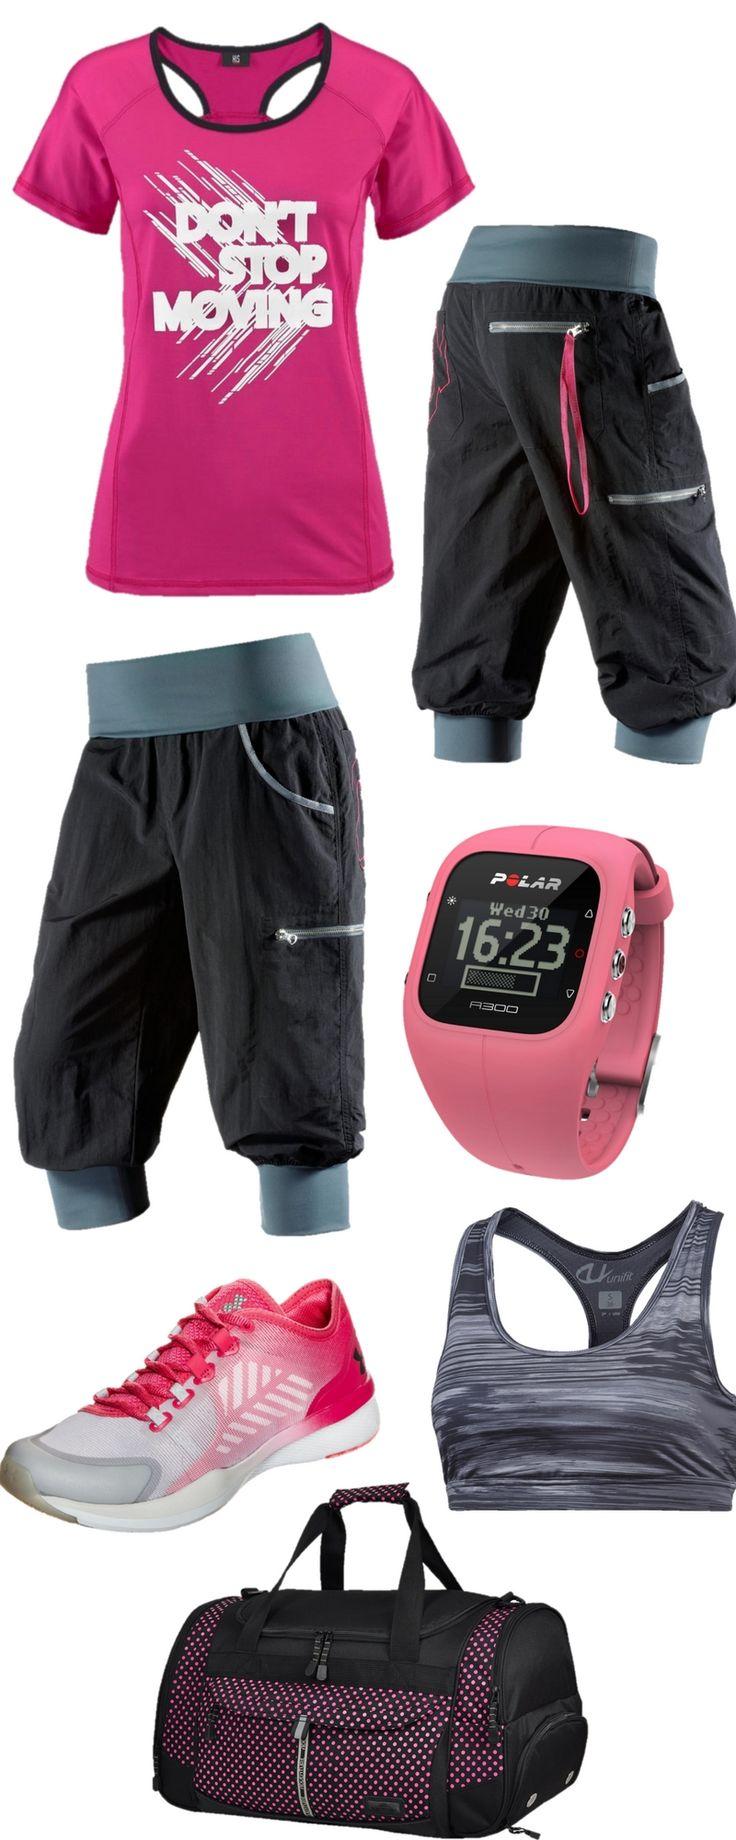 """Fitness Outfit für Frauen: Dieses Outfit ist ideal für den Kursbesuch in Ihrem Fitness-Studio oder Verein: Das Fitness-Shirt liefert nicht nur Motivation (""""Don't stop moving"""") sondern ist auch atmungsaktiv und sorgt dafür, dass Ihre Haut trocken ist. Die Hose ist locker und lässig geschnitten. Ihre Füße und Gelenke werden durch die Trainingsschuhe von Under Armour geschützt – die spezielle Dämpfung und Stützfunktion machen dies möglich. Sie sind außerdem langlebig. Der Sport-BH passt unter…"""